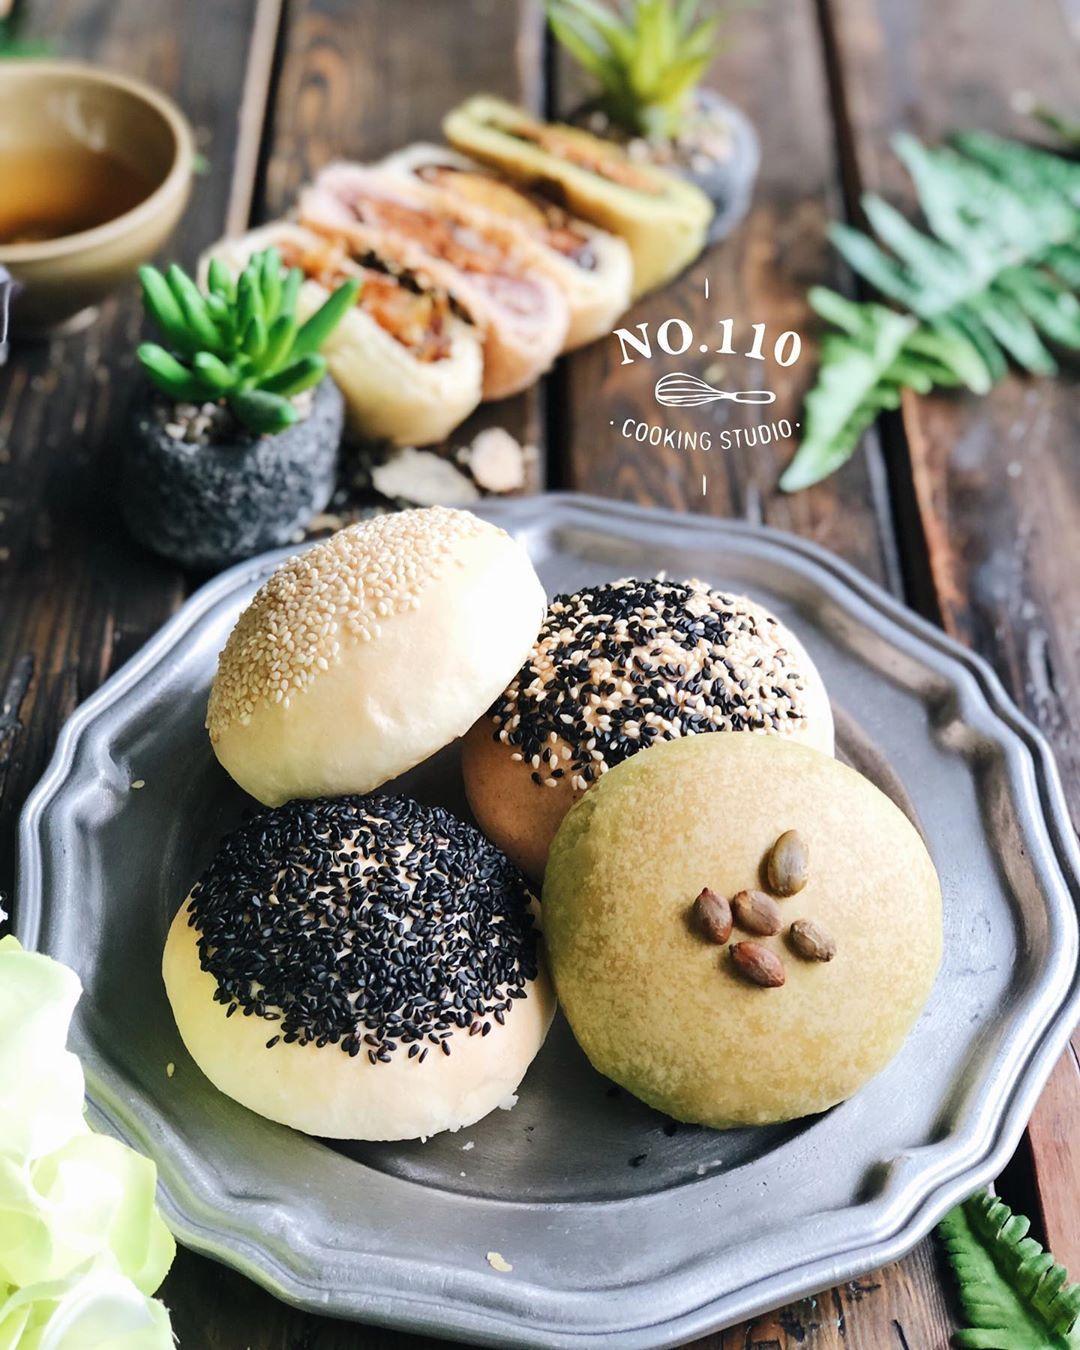 . 四色3Q餅  #no110cookingstudio #110食驗室 #taipei #bakingstudio #baking #handmade #delicious #bread #cake #cookies #cooking  #foodphotography #VSCO